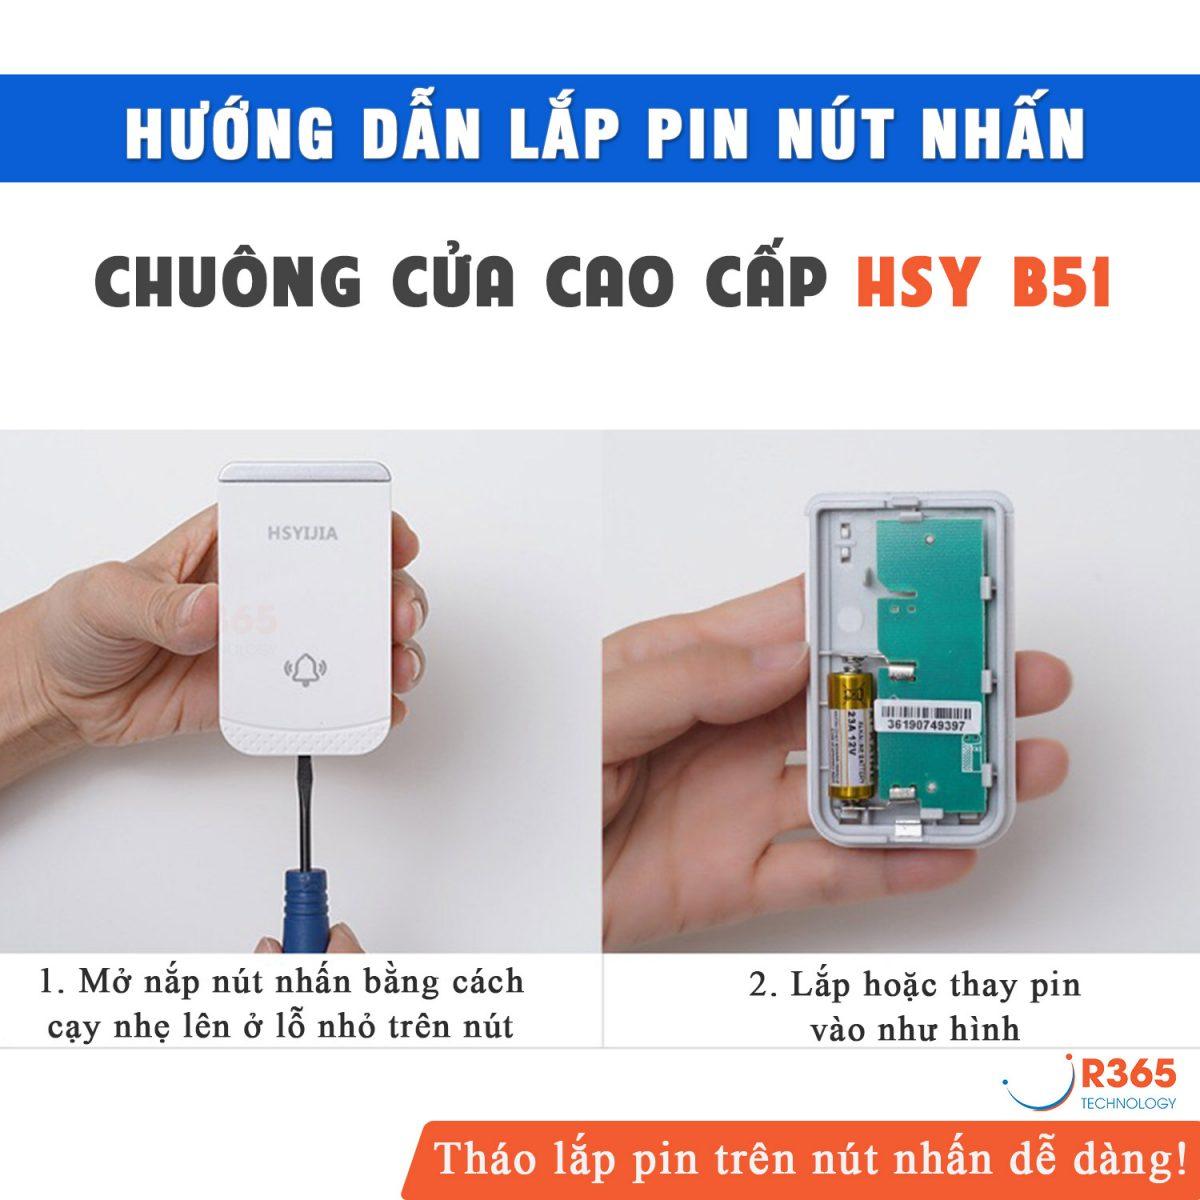 Chuong-cua-hsy-5